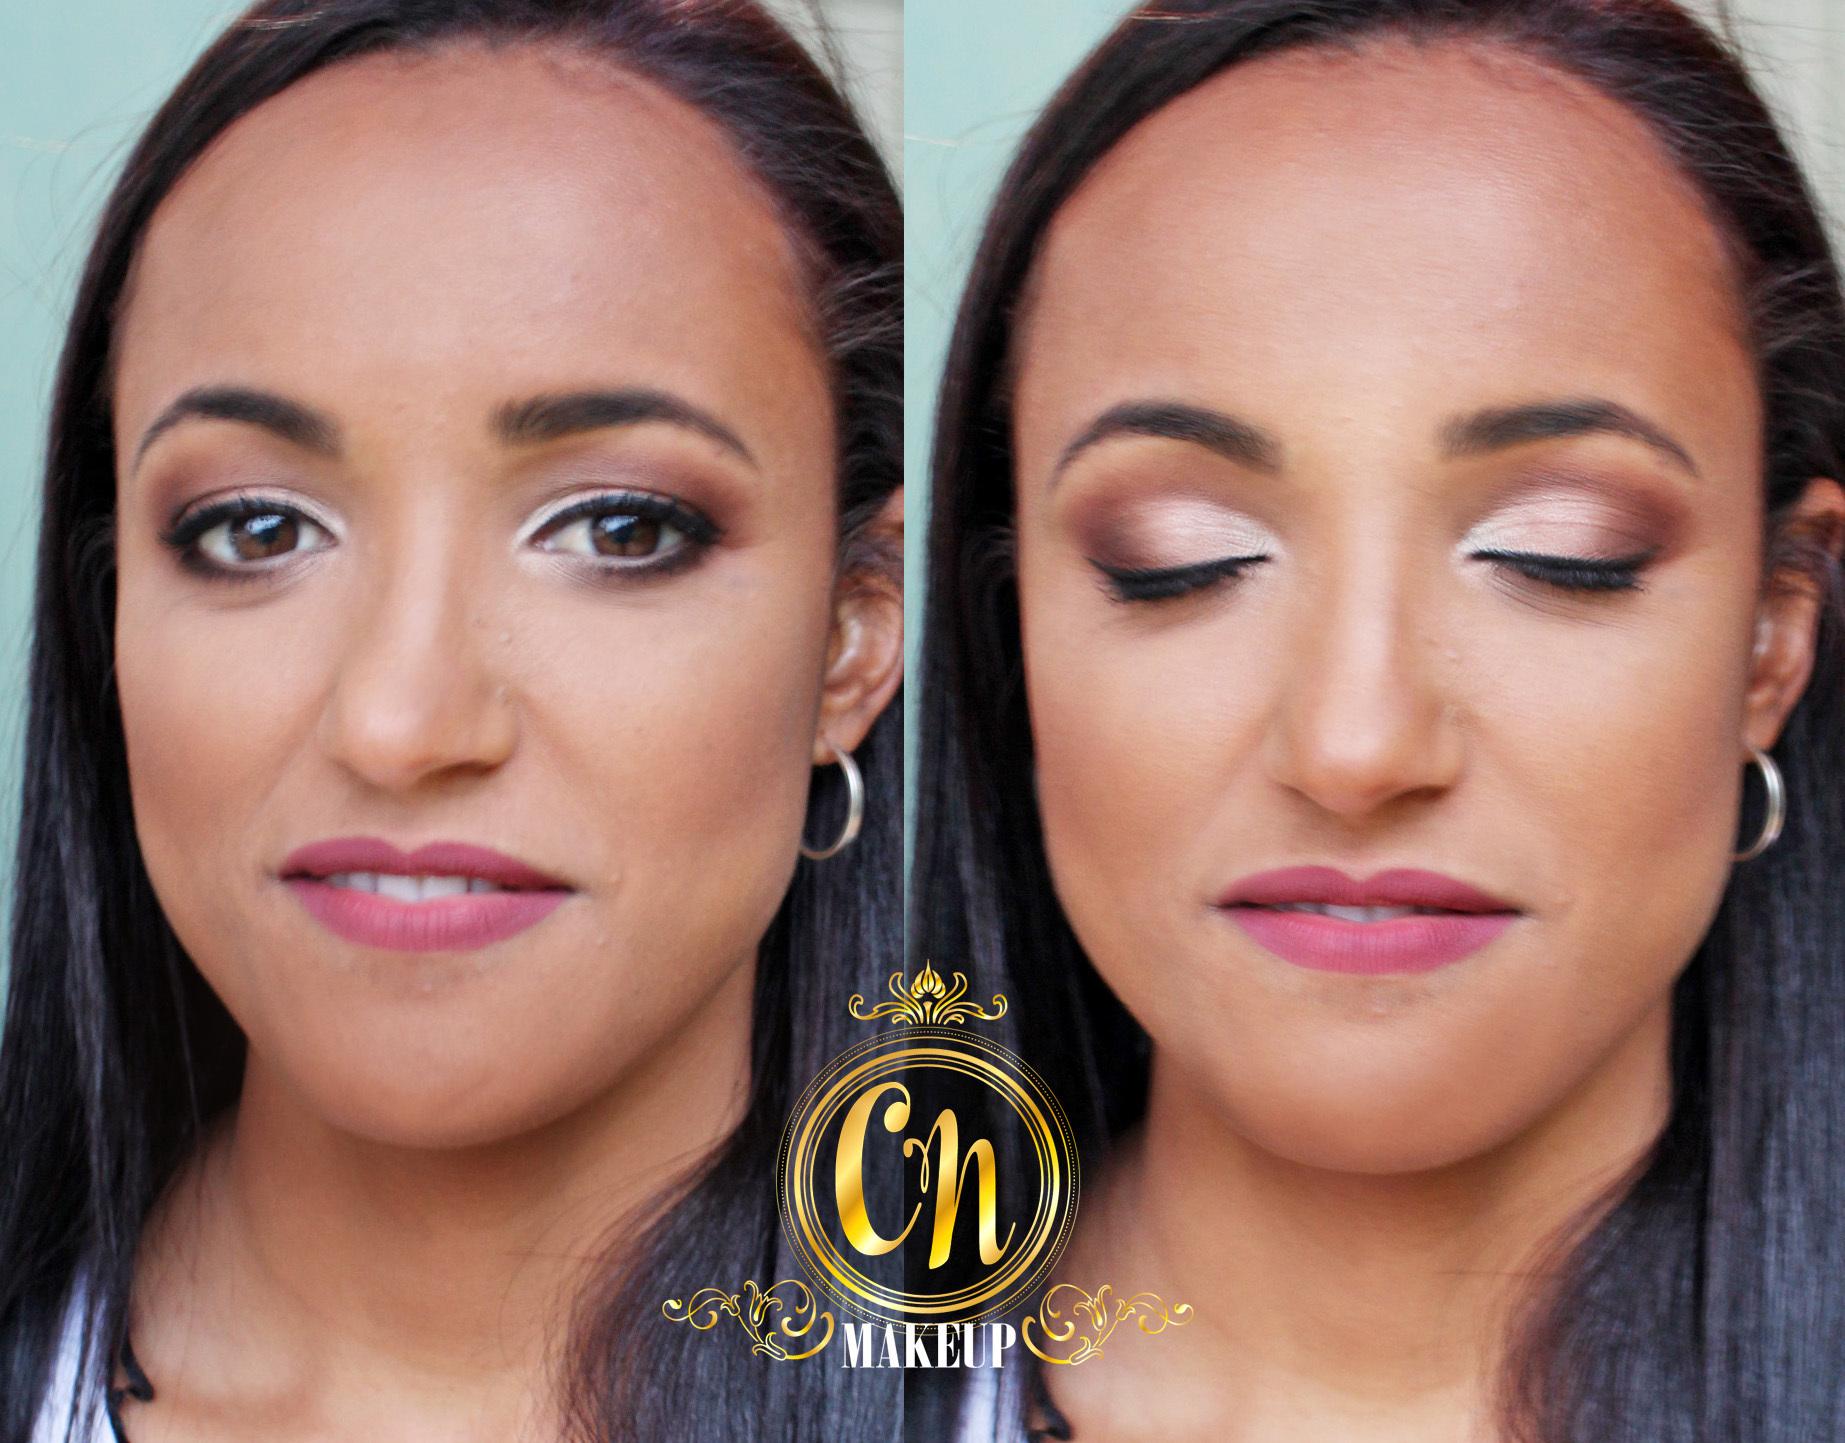 Maquiagem neutra, convidada de casamento! <3 . #makeup #makeupartist #mua #maquiagempro #makeuppro #neutralmakeup #maquiagemneutra #maquiagemleve #casamento #casamentopraia #maquiadora #maquiadoraubatuba maquiagem maquiador(a)